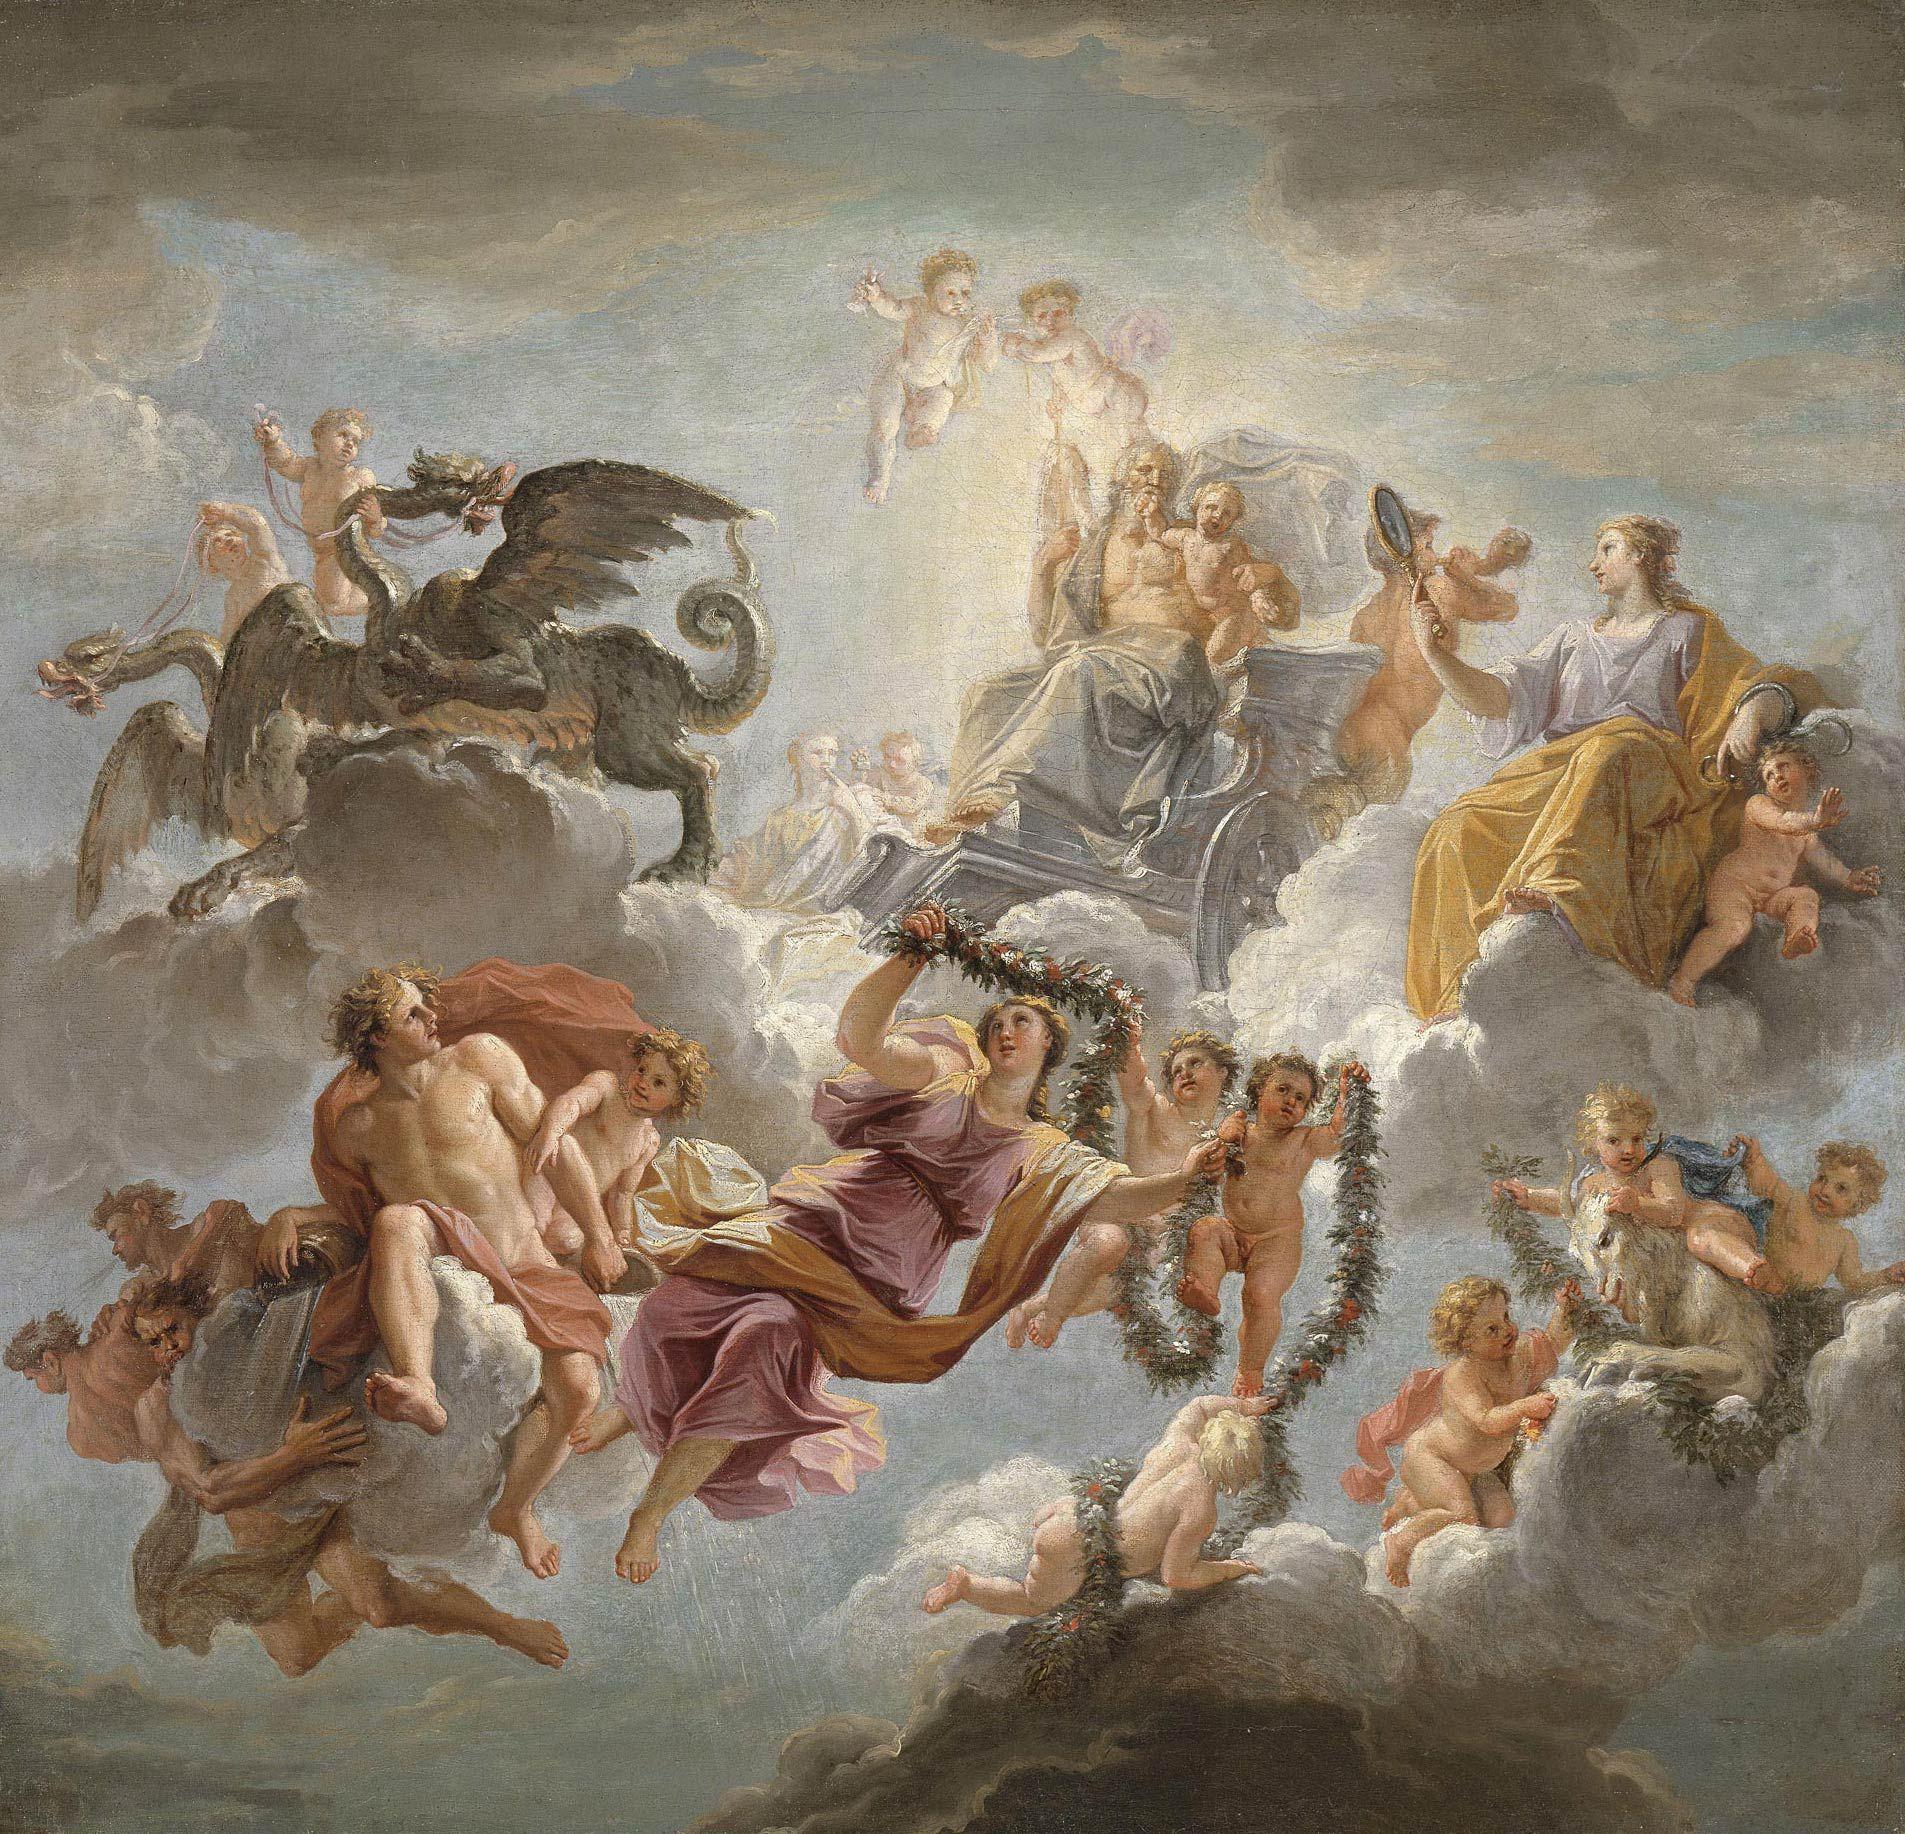 Charmant Le Triomphe De Saturne Sur Son Char Tiré Par Des Dragons Modello Pour Le  Plafond Du Cabinet De Saturne à Versailles, Noël Coypel Versailles, ...